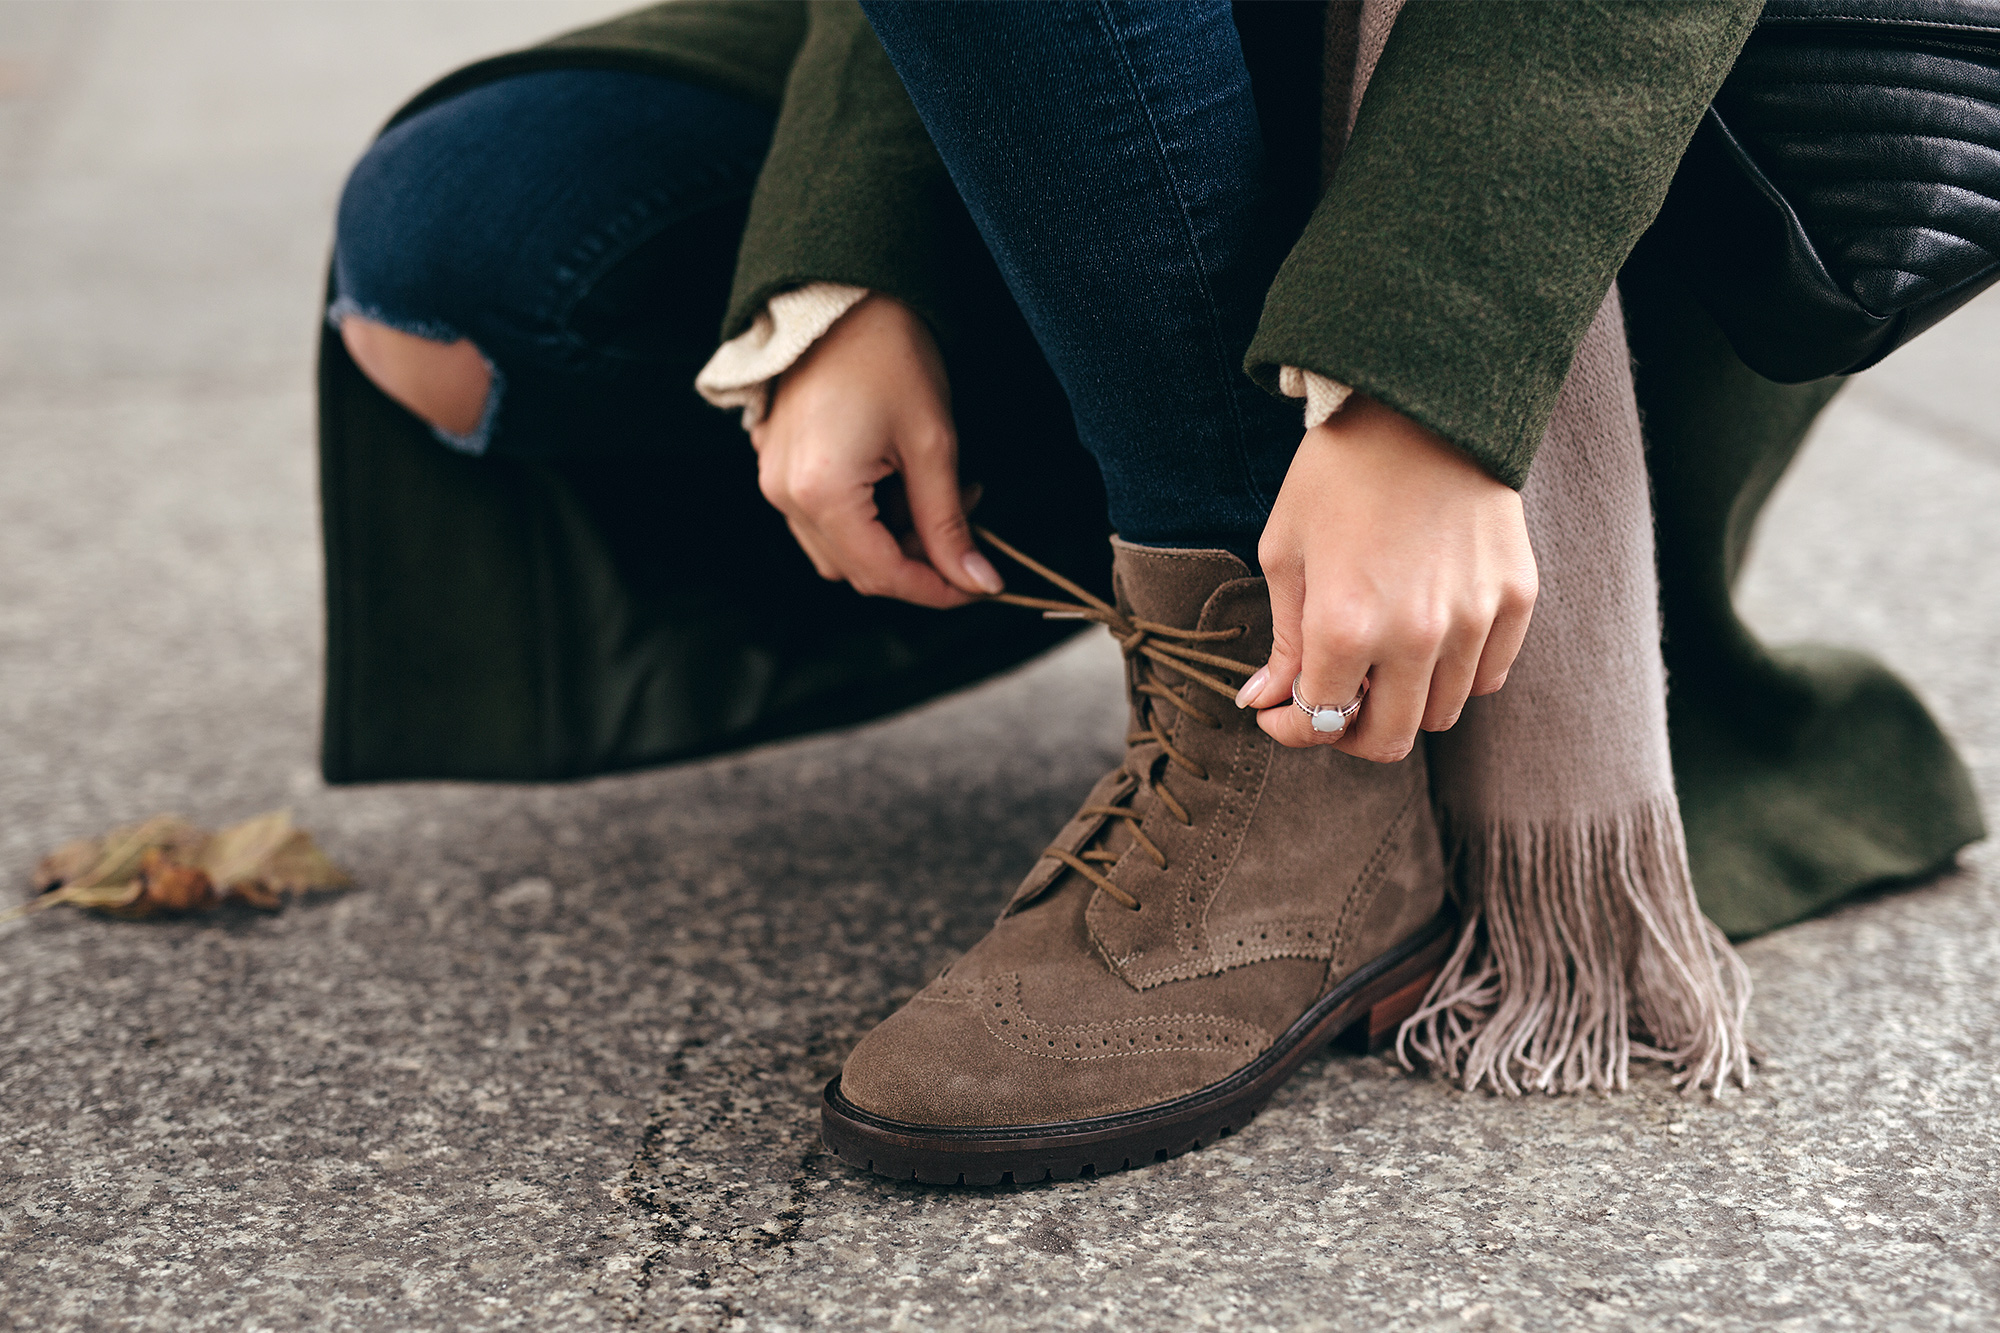 goertz-cox-winter-boots-10